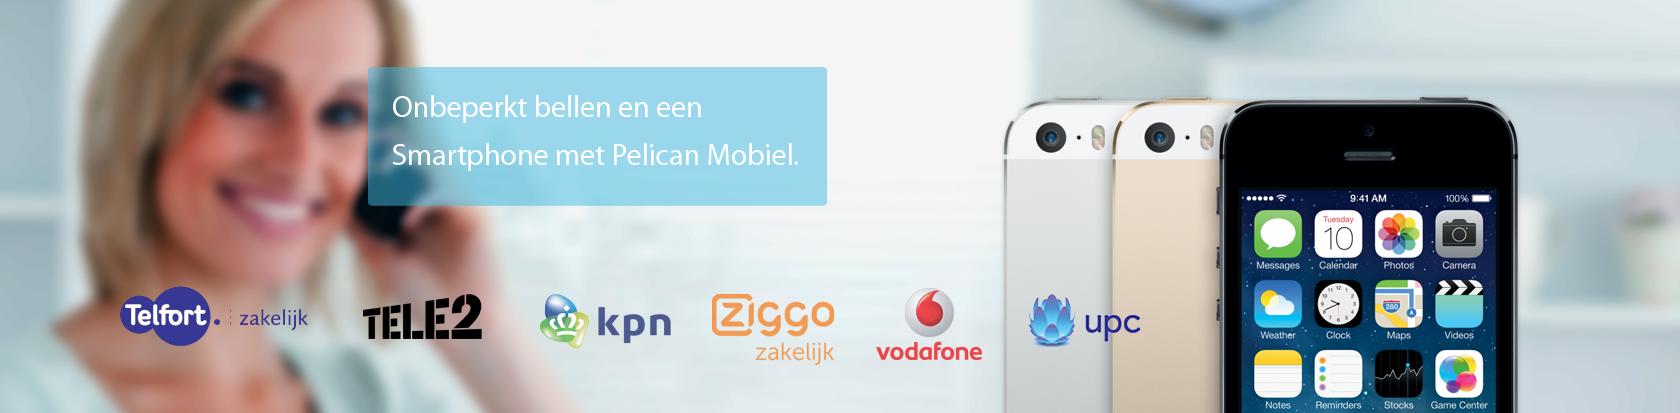 Onbeperkt bellen en een Smartphone met Pelican Mobiel.